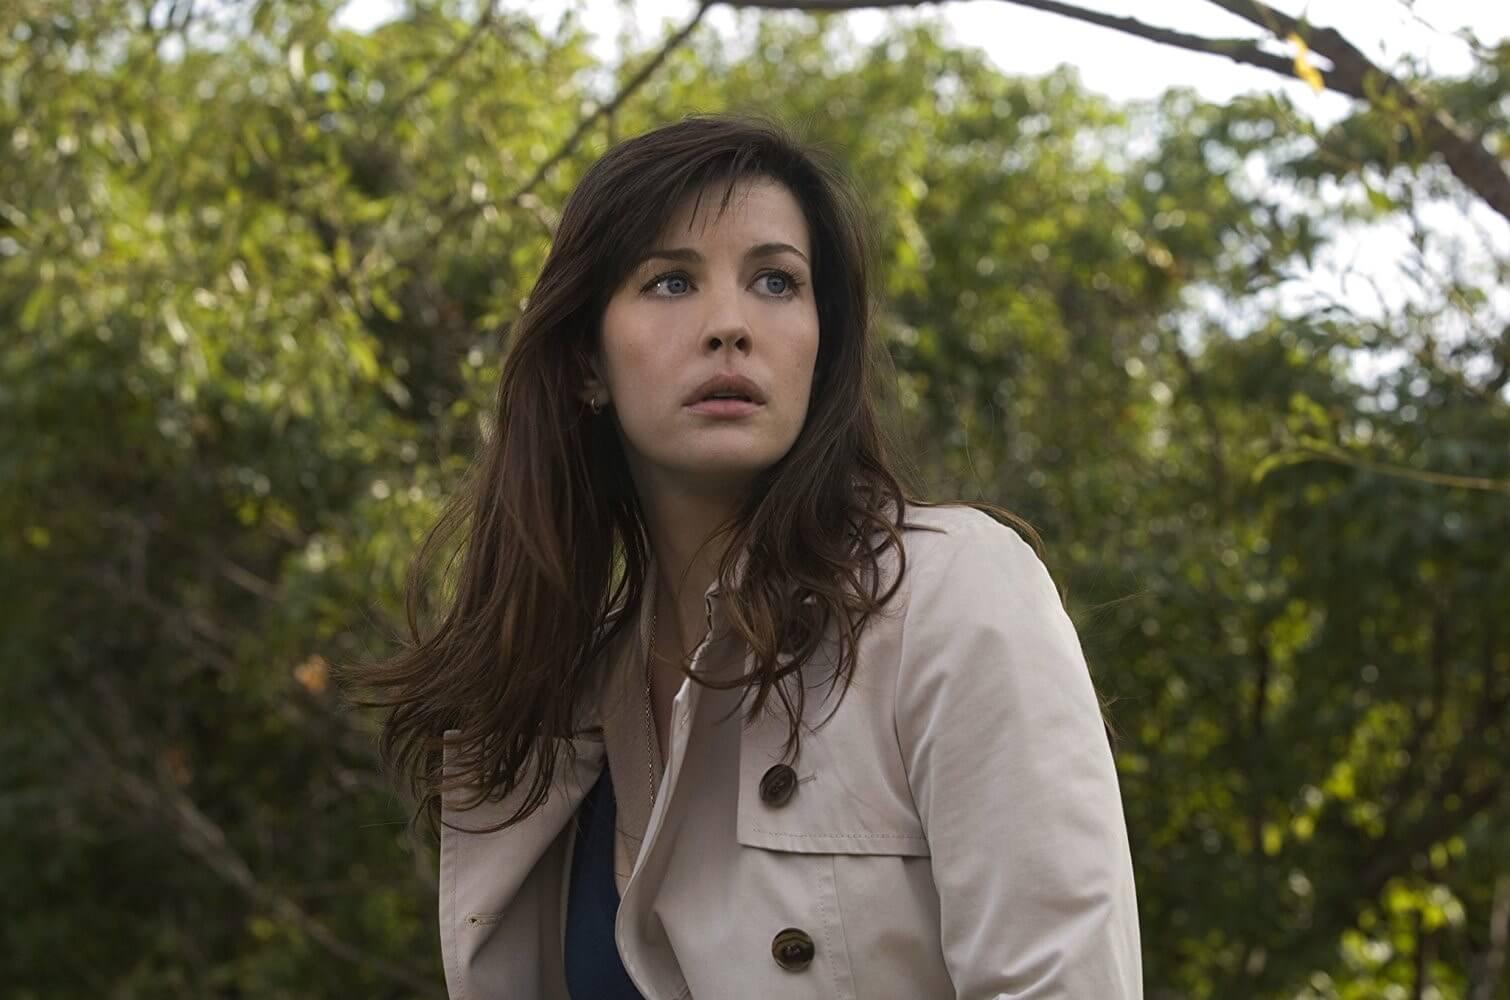 2008 年漫威超級英雄電影作品《無敵浩克》,圖為貝蒂羅斯(麗芙泰勒 飾)。